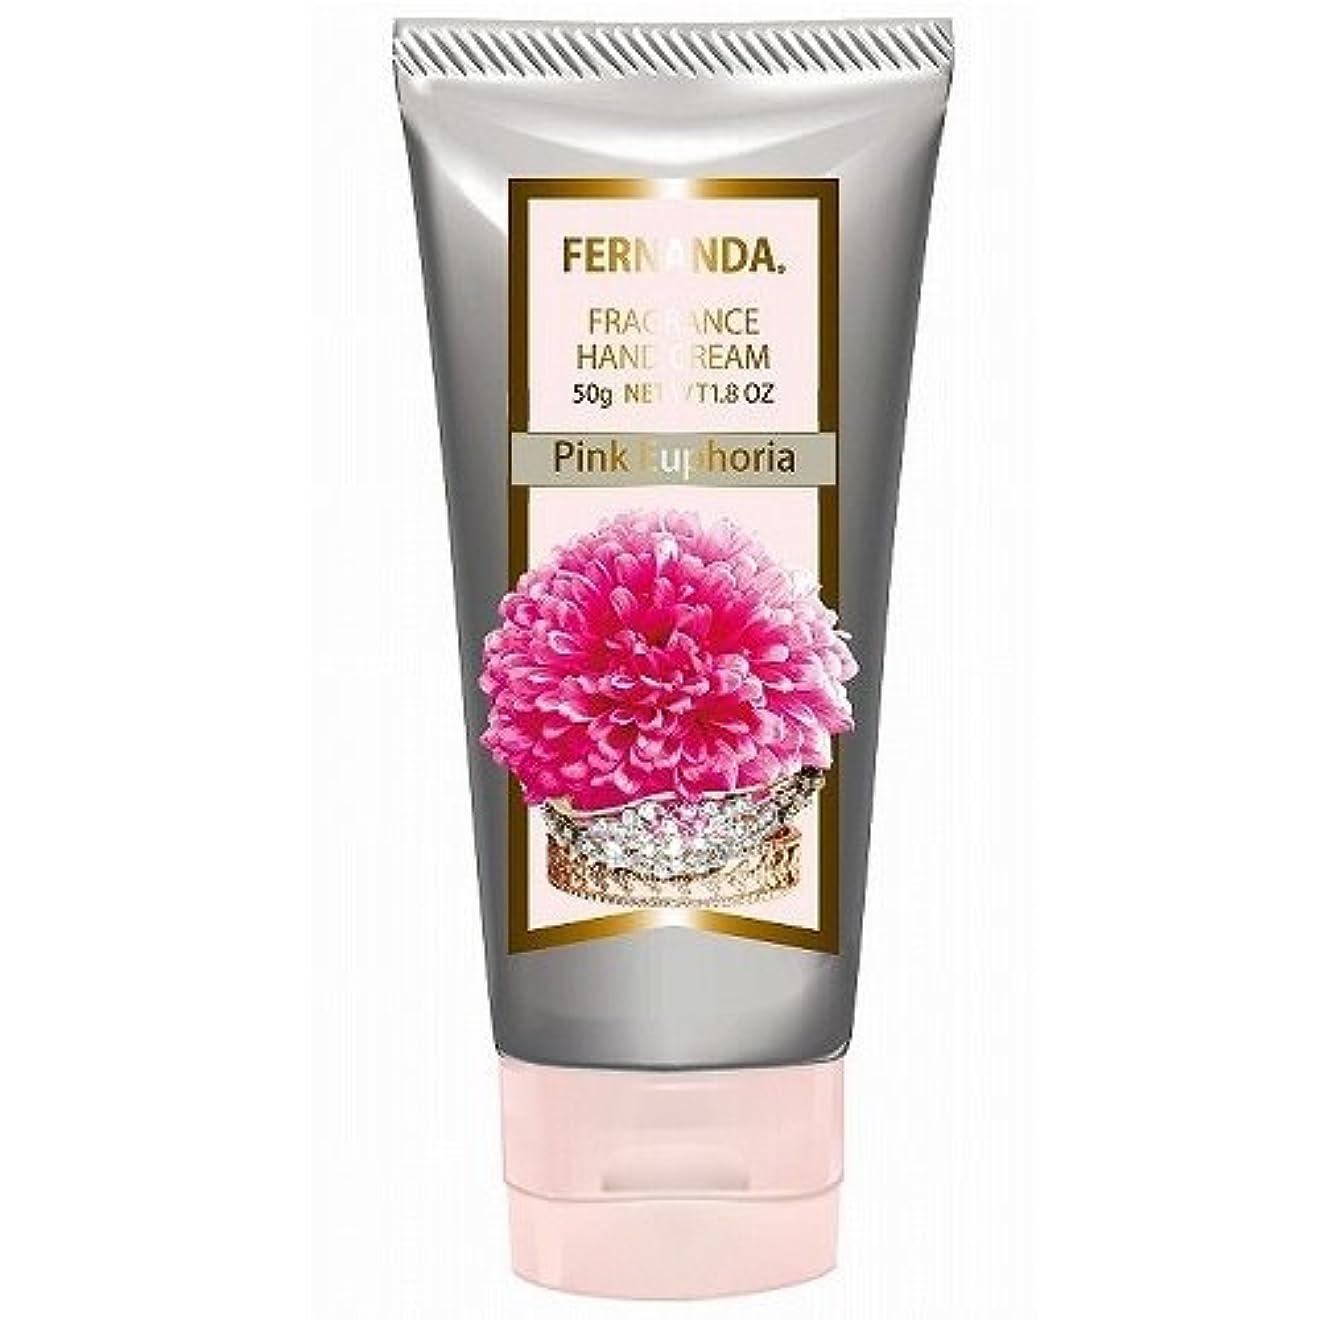 大破サンドイッチ日帰り旅行にFERNANDA(フェルナンダ) Hand Cream Pink Euphoria (ハンドクリーム ピンクエウフォリア)